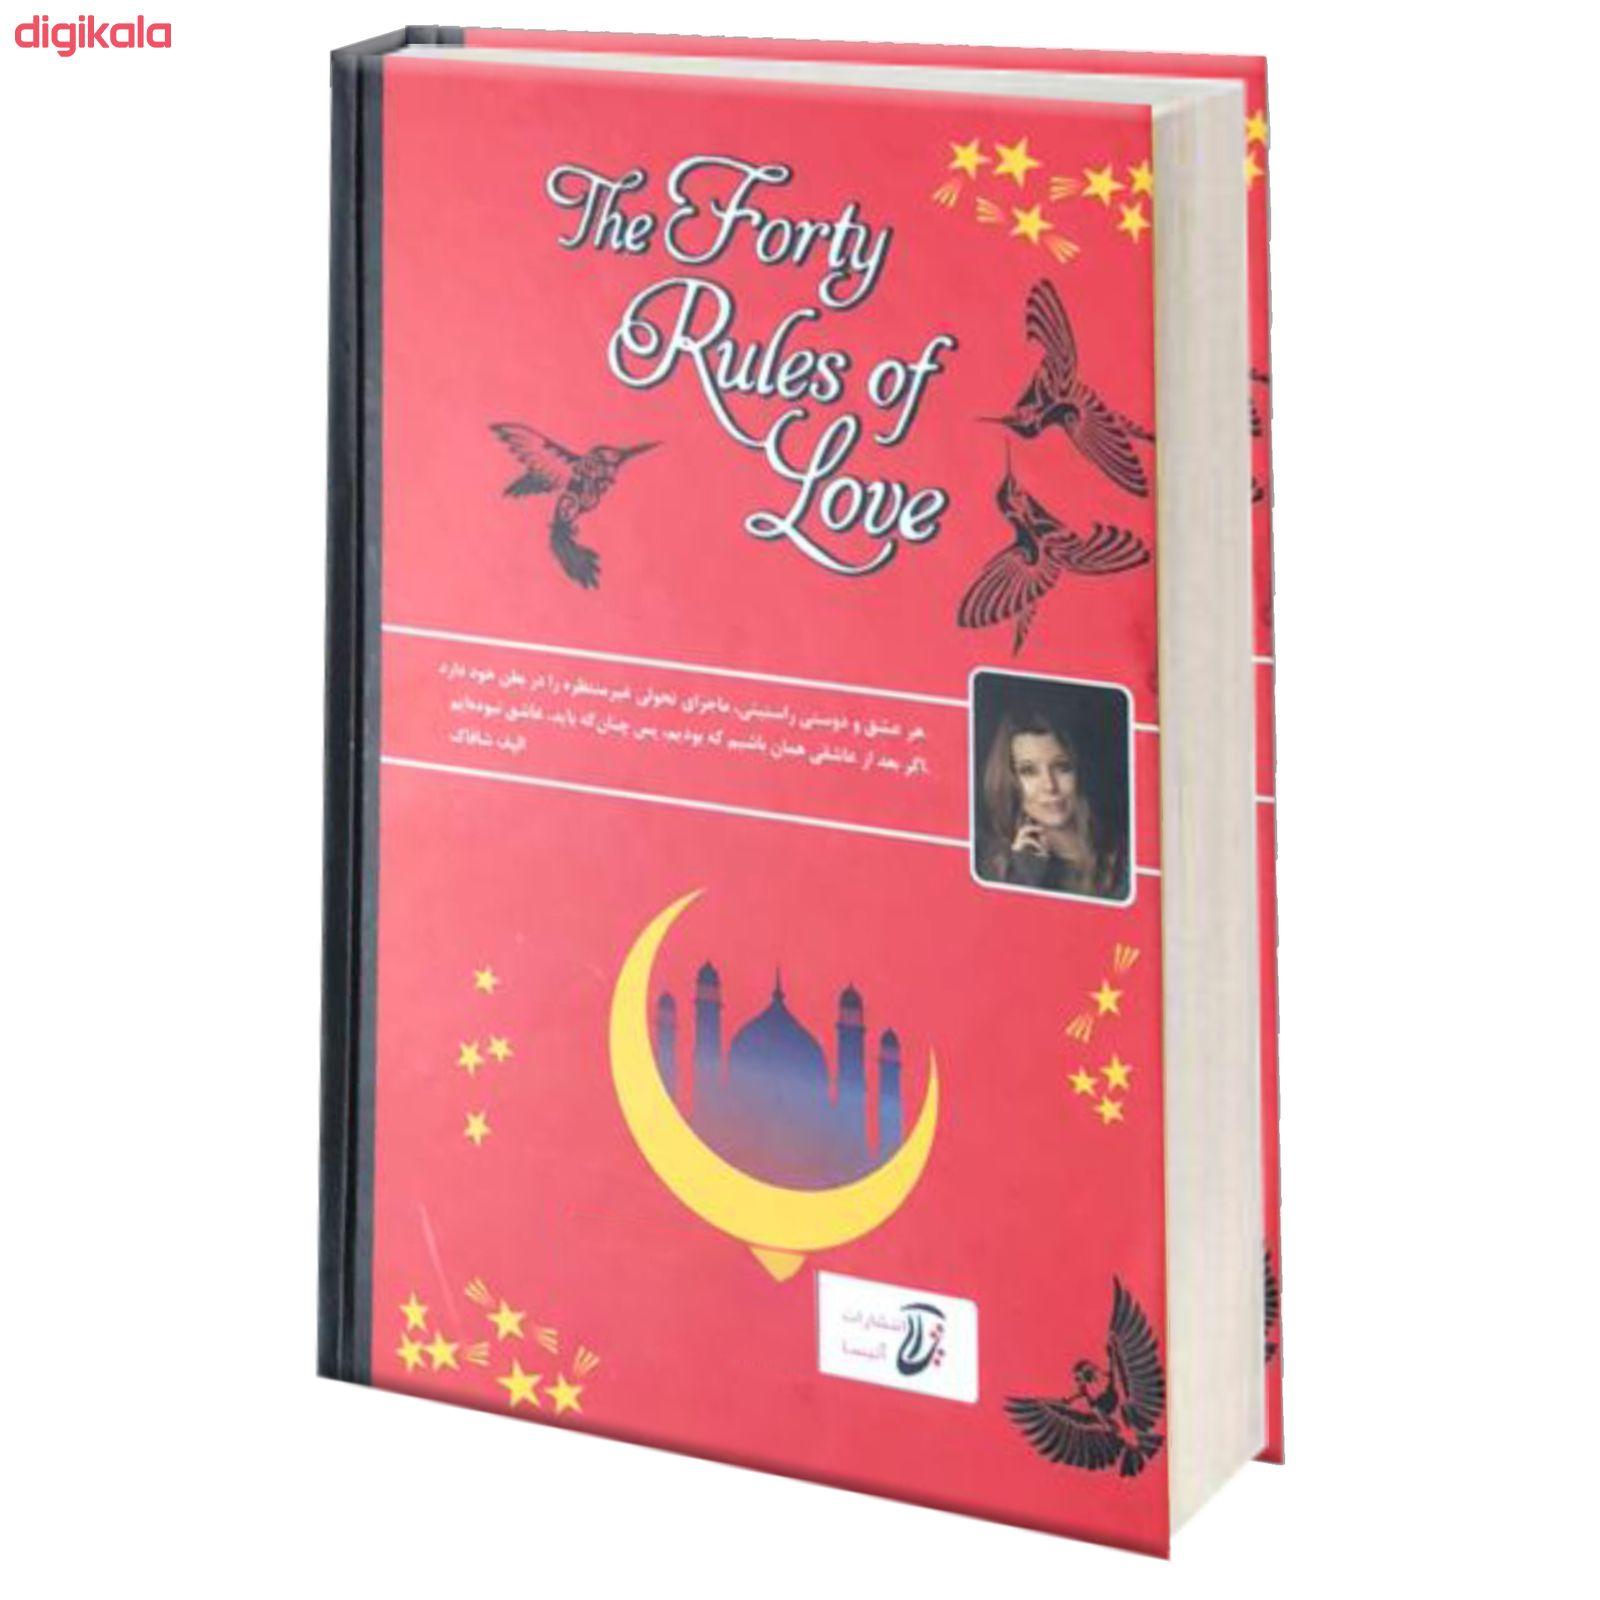 کتاب ملت عشق اثر الیف شافاک نشر آتیسا main 1 1